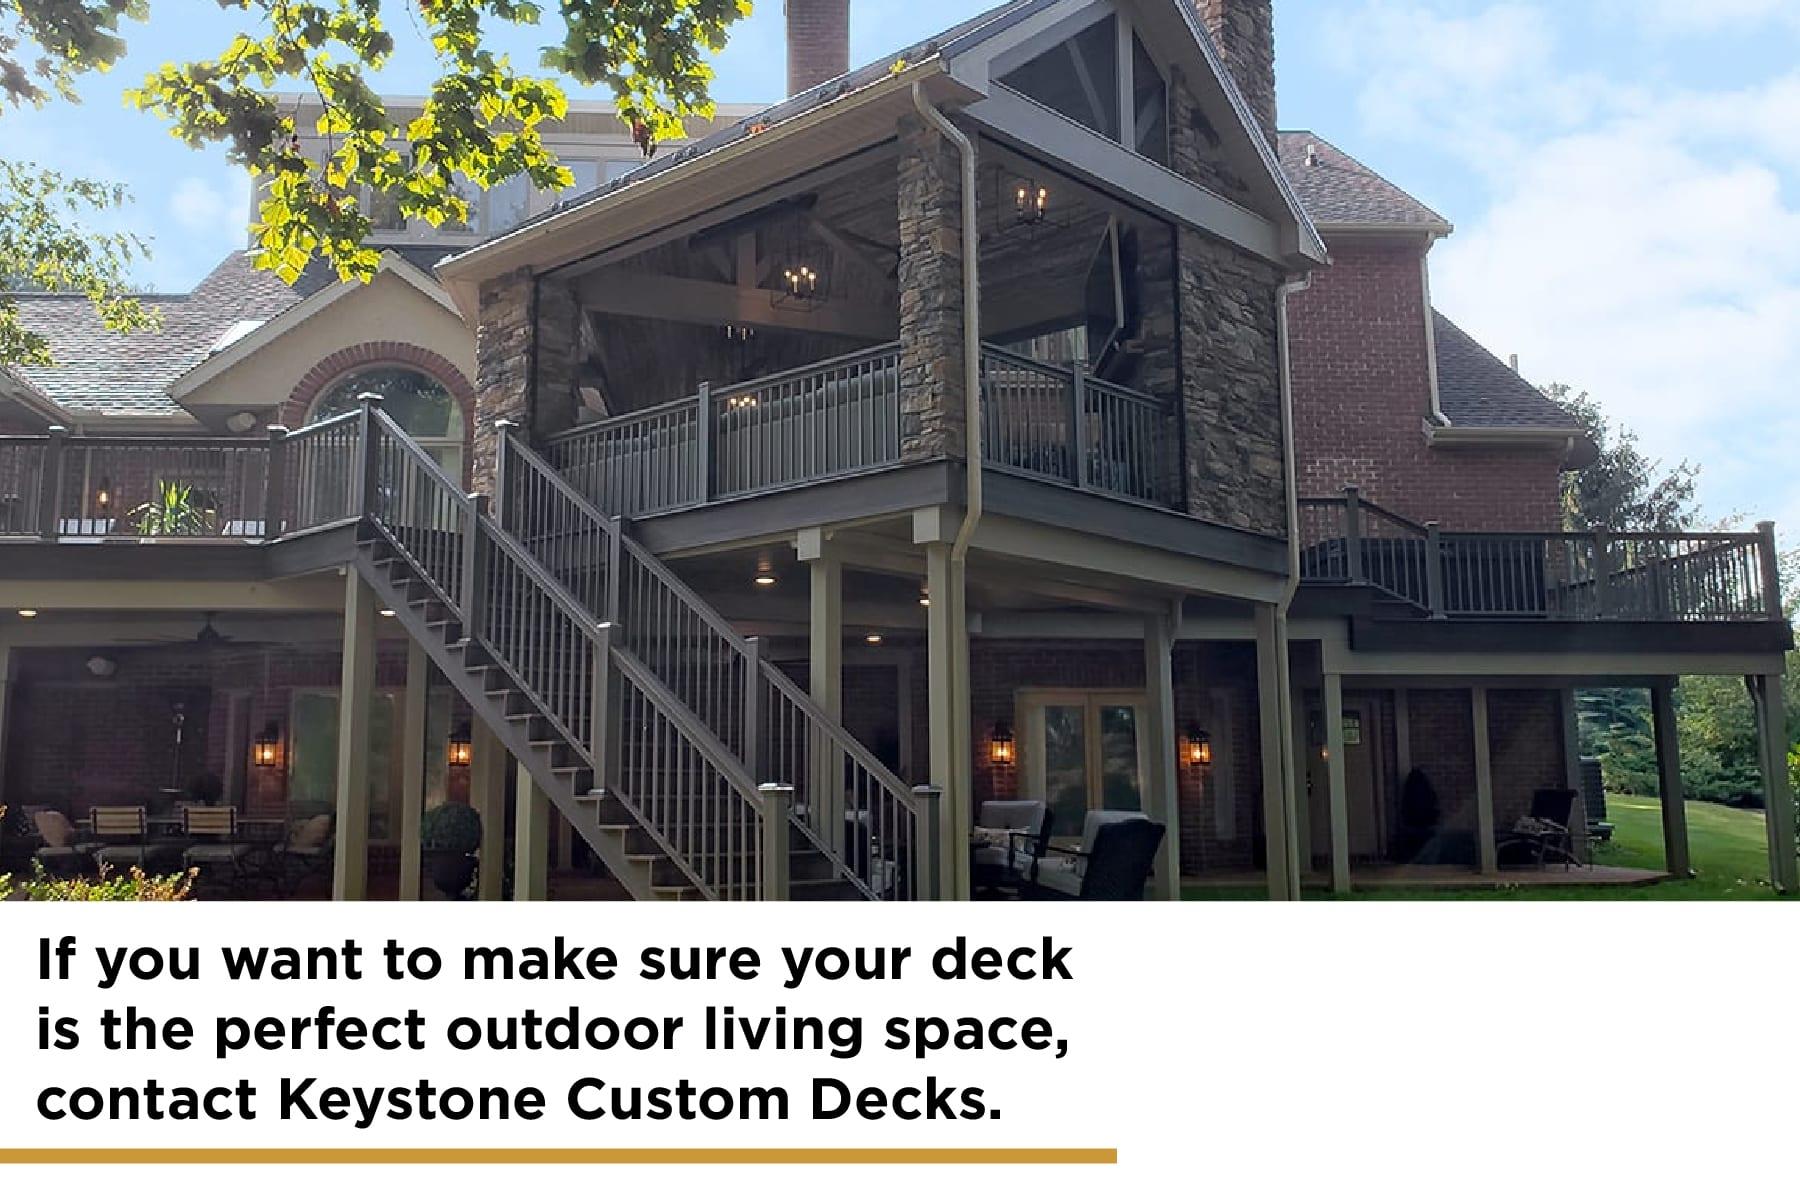 Keystone custom decks can build a shaded deck for you